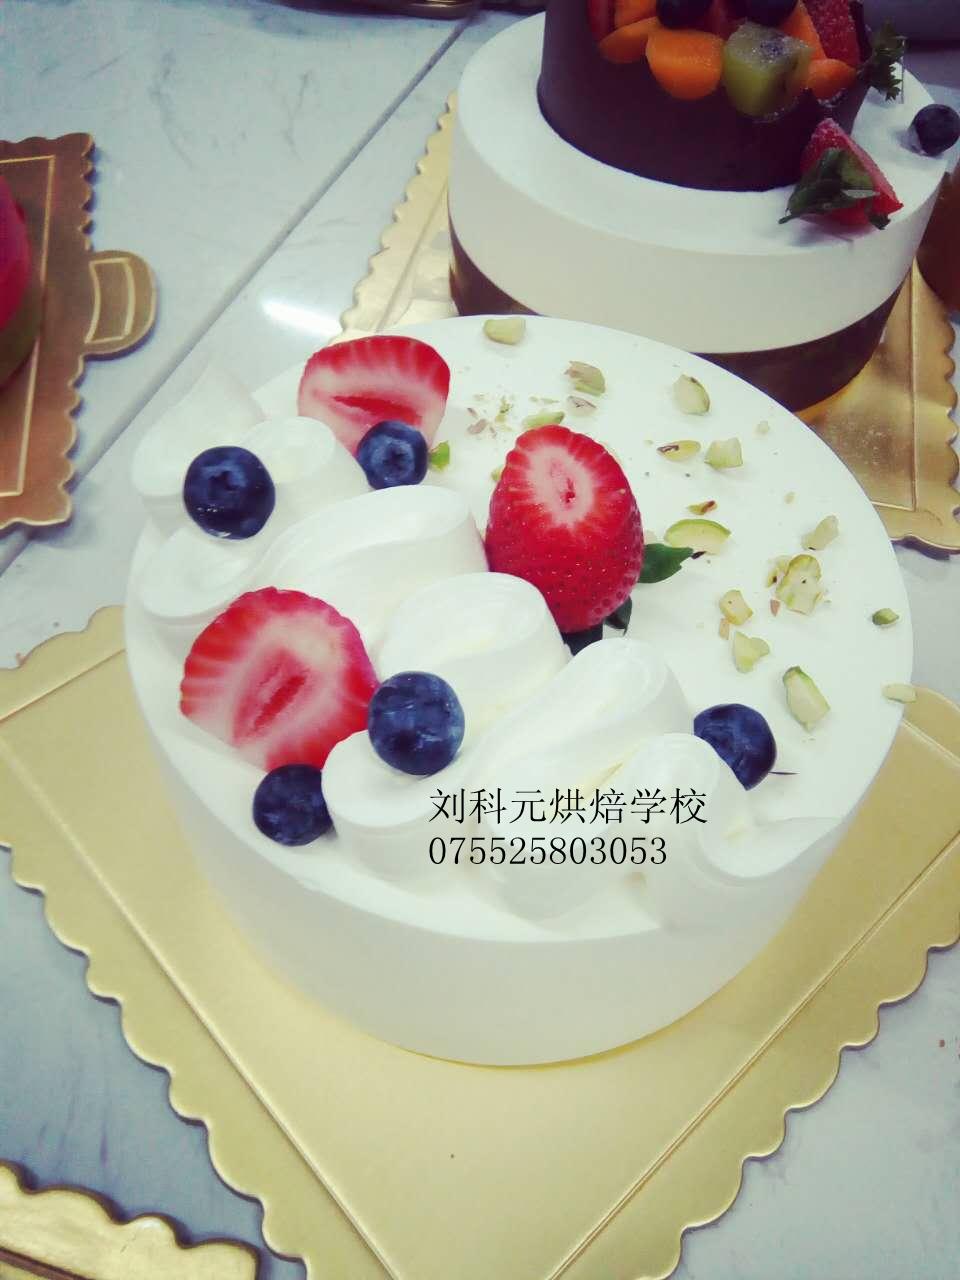 生日蛋糕培训学校,大师蛋糕学校,水果蛋糕培训